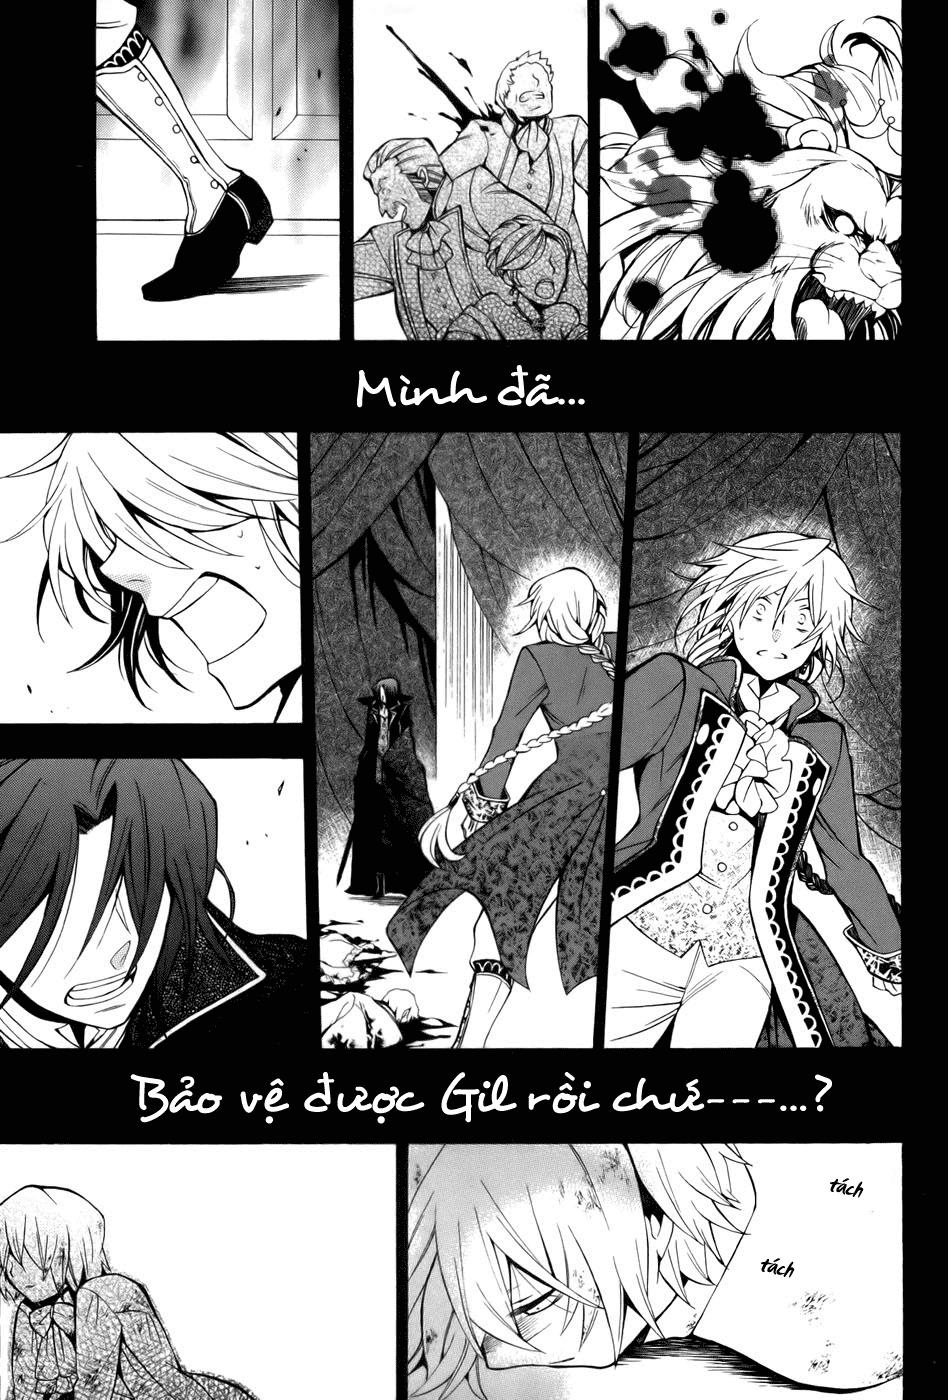 Pandora Hearts chương 039 - retrace: xxxix gate of blackness (tr.72. fixed ver.) trang 21